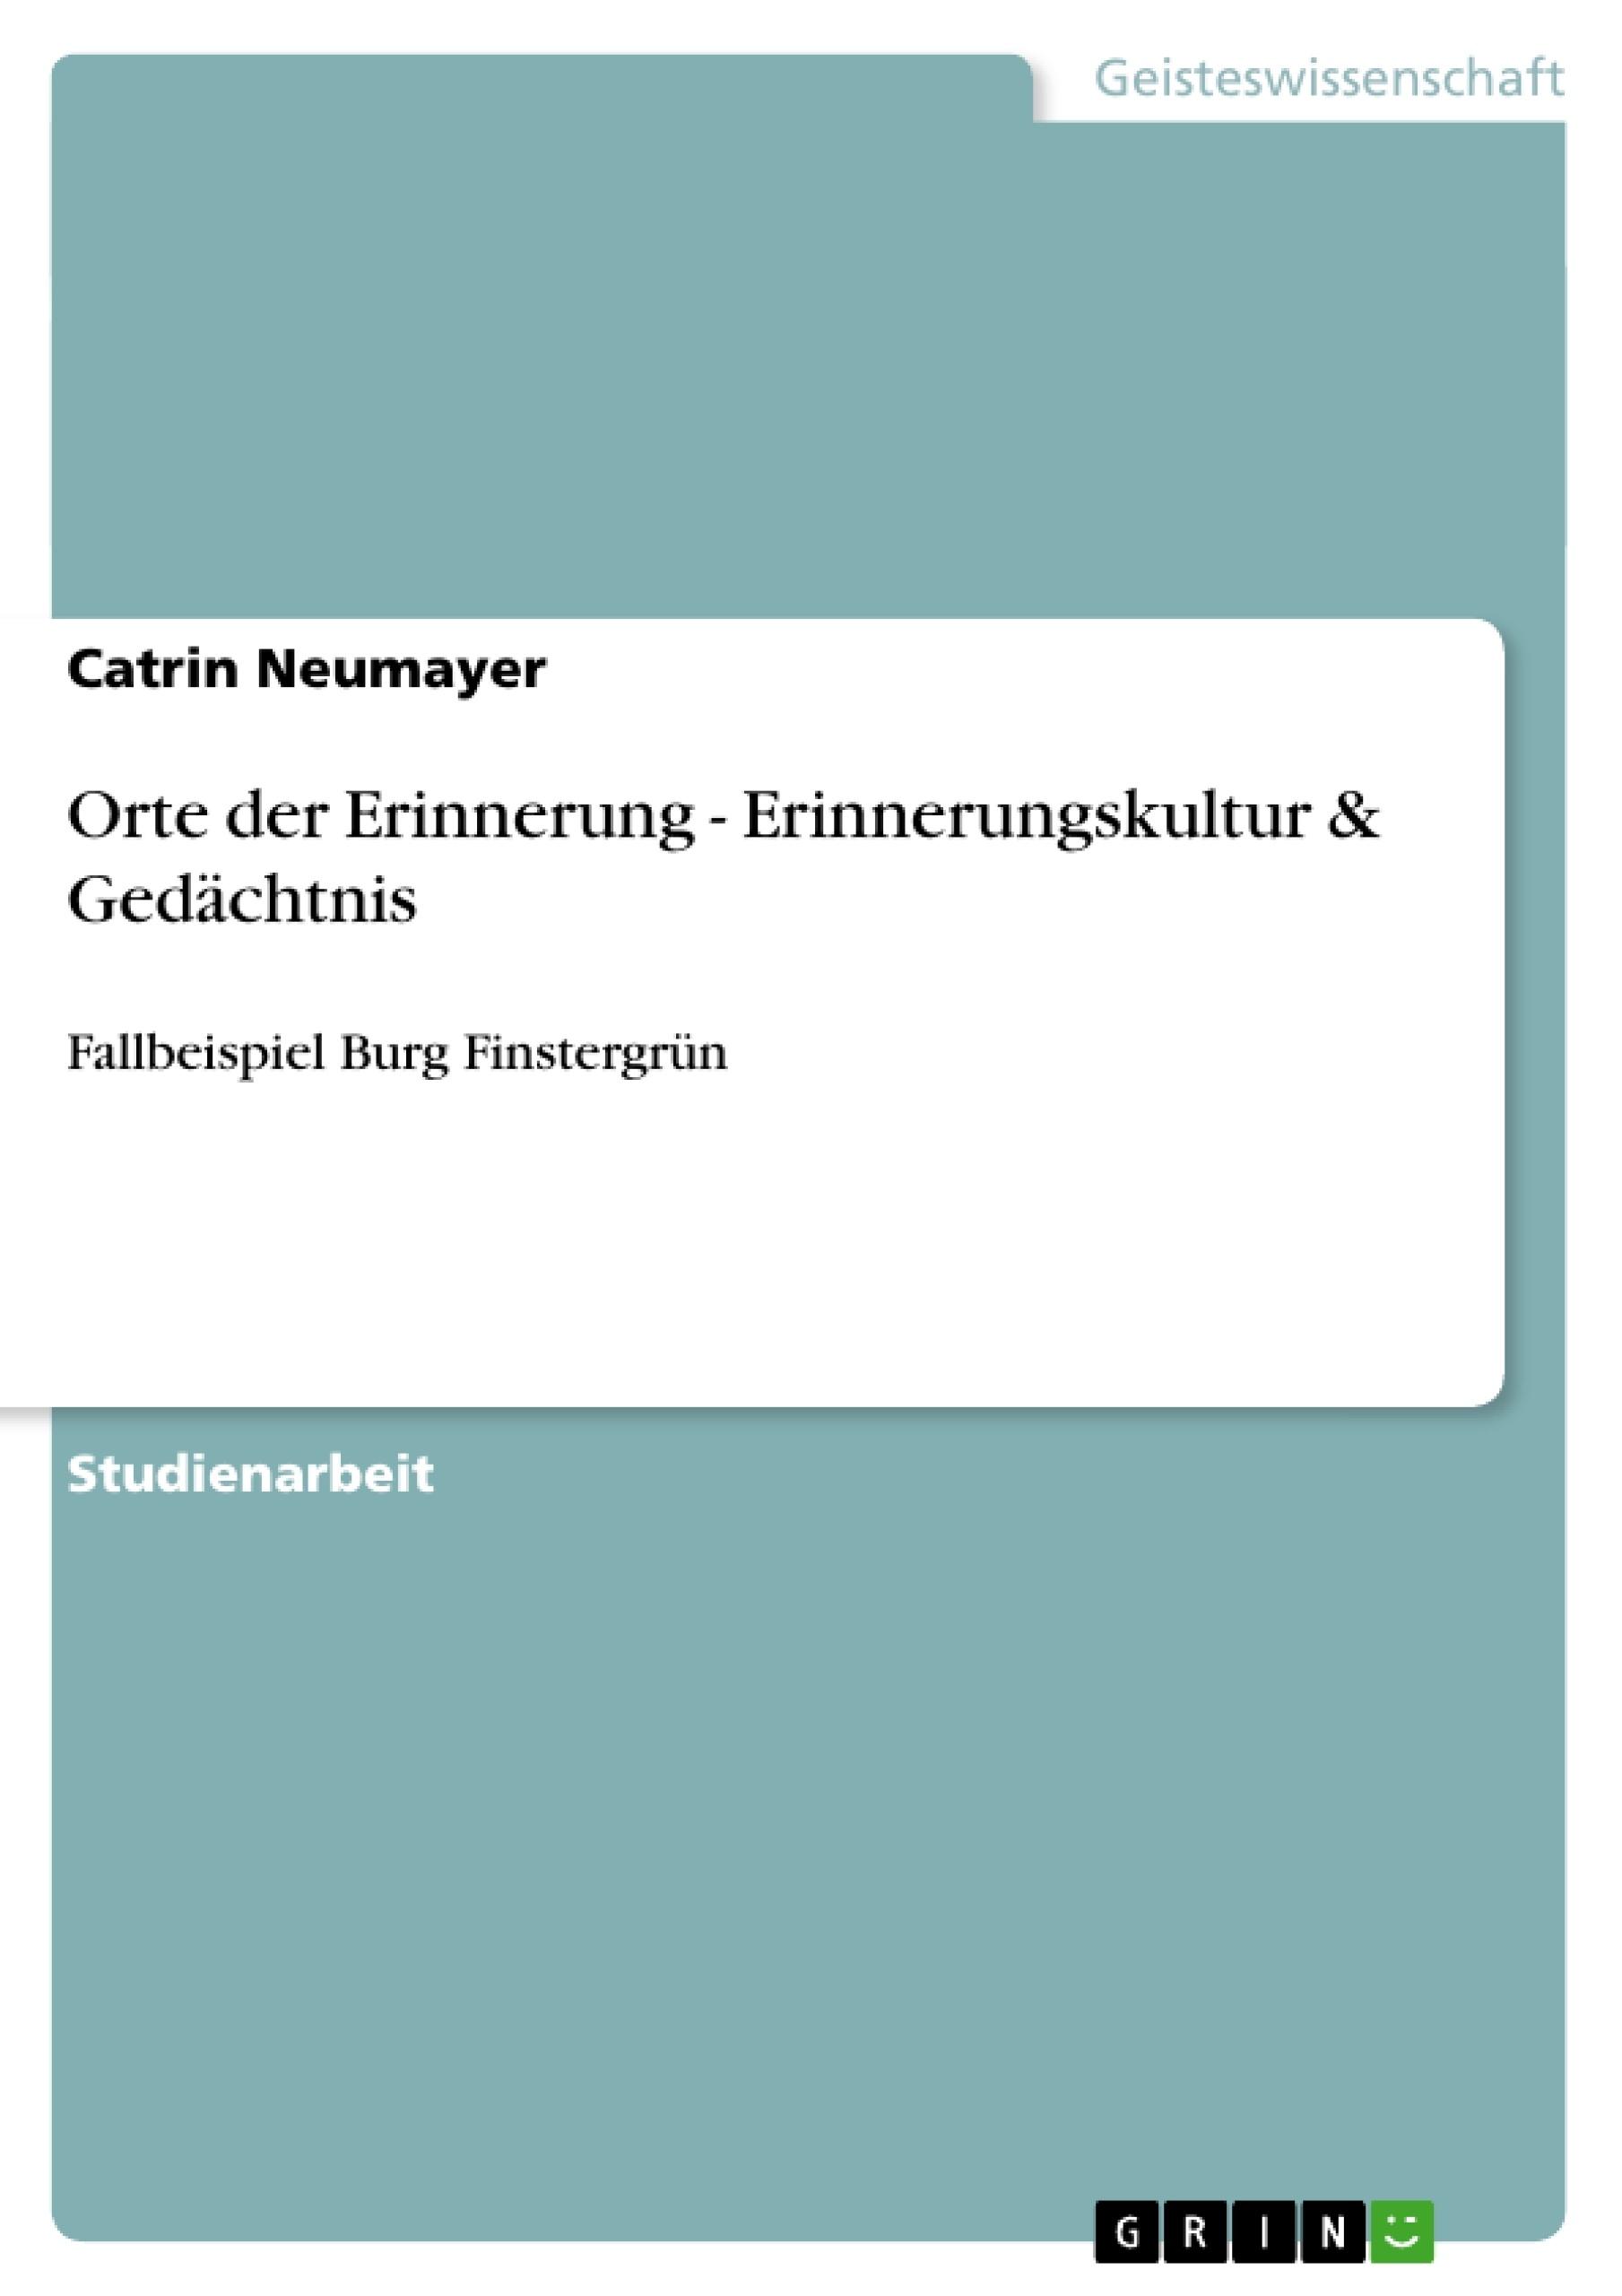 Titel: Orte der Erinnerung - Erinnerungskultur & Gedächtnis